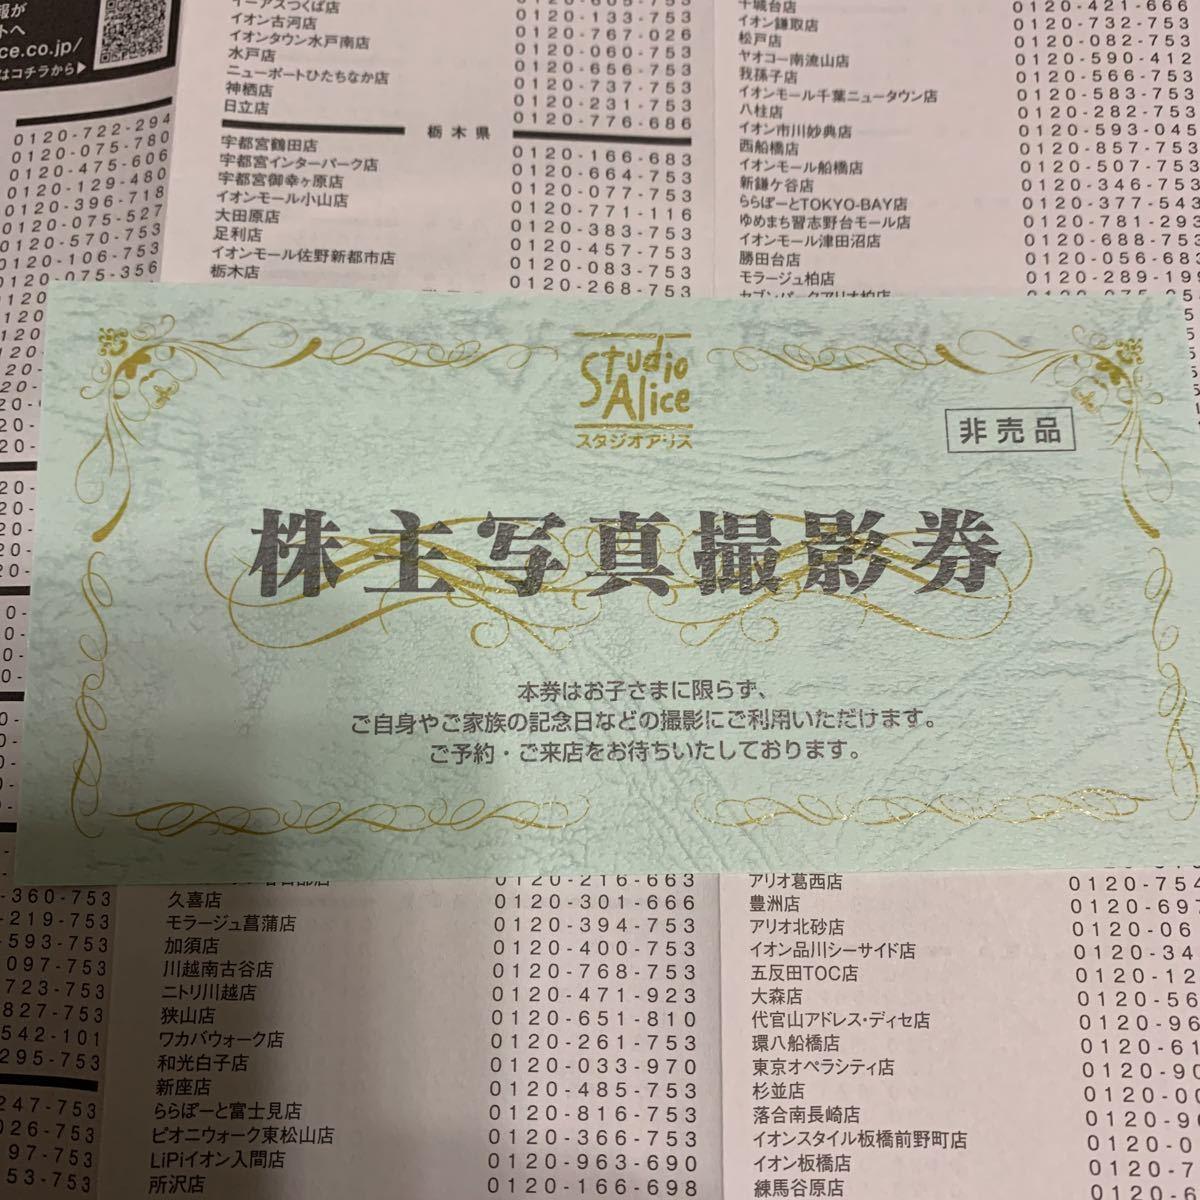 ゆうパケット送料込◆スタジオアリス 株主優待券 2021.12.31まで有効 1枚_画像1